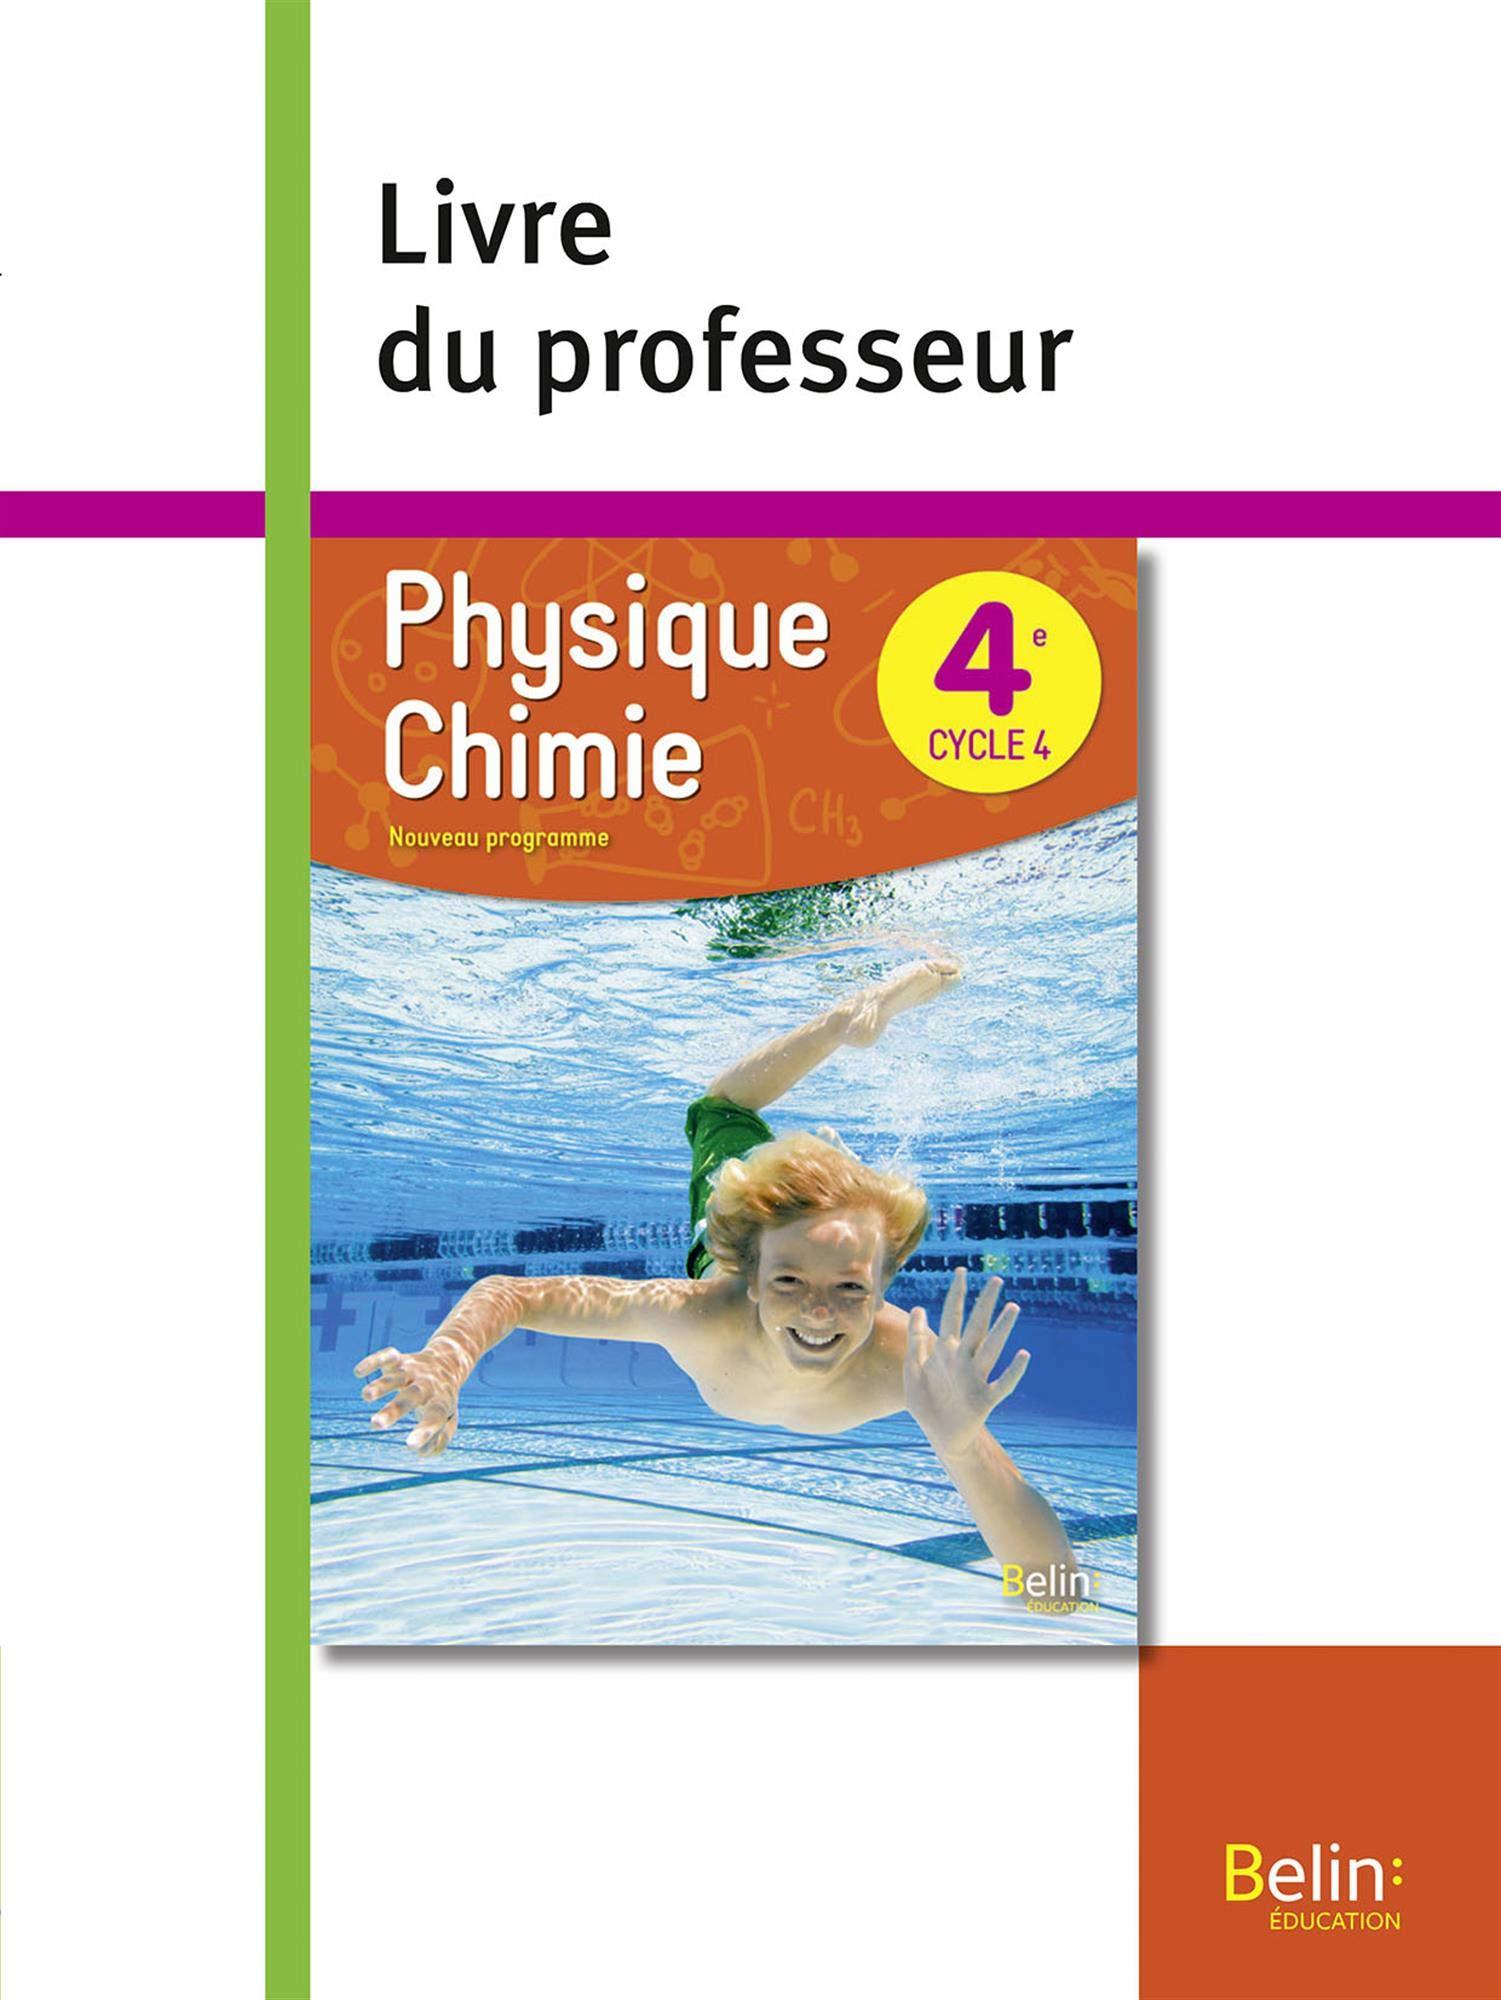 Physique Chimie 4eme 2017 Livre Du Professeur Amazon Fr